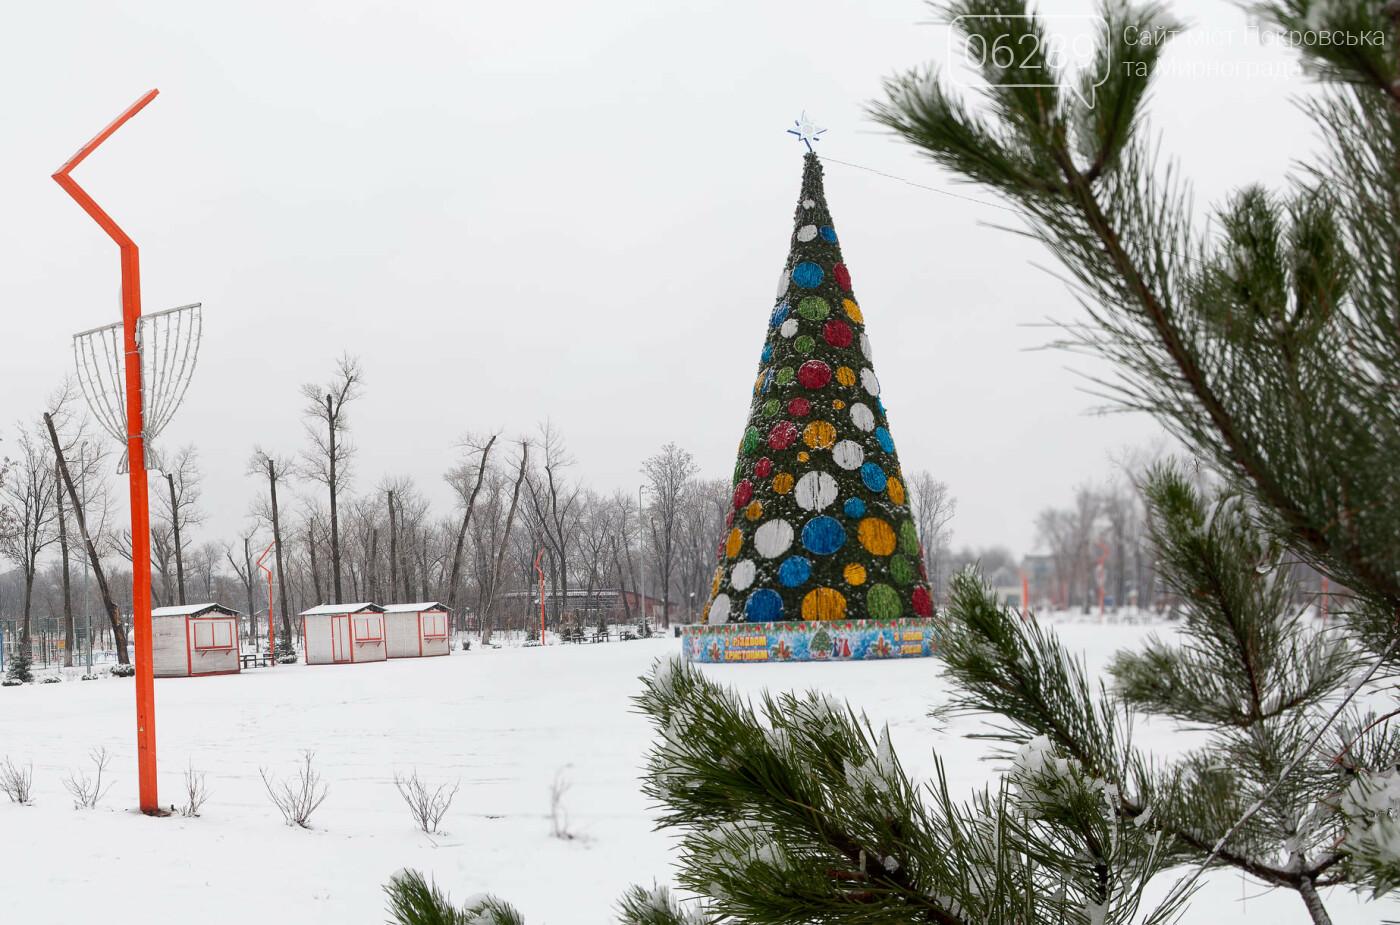 Главная ёлка Покровска взяла выходные, фото-1